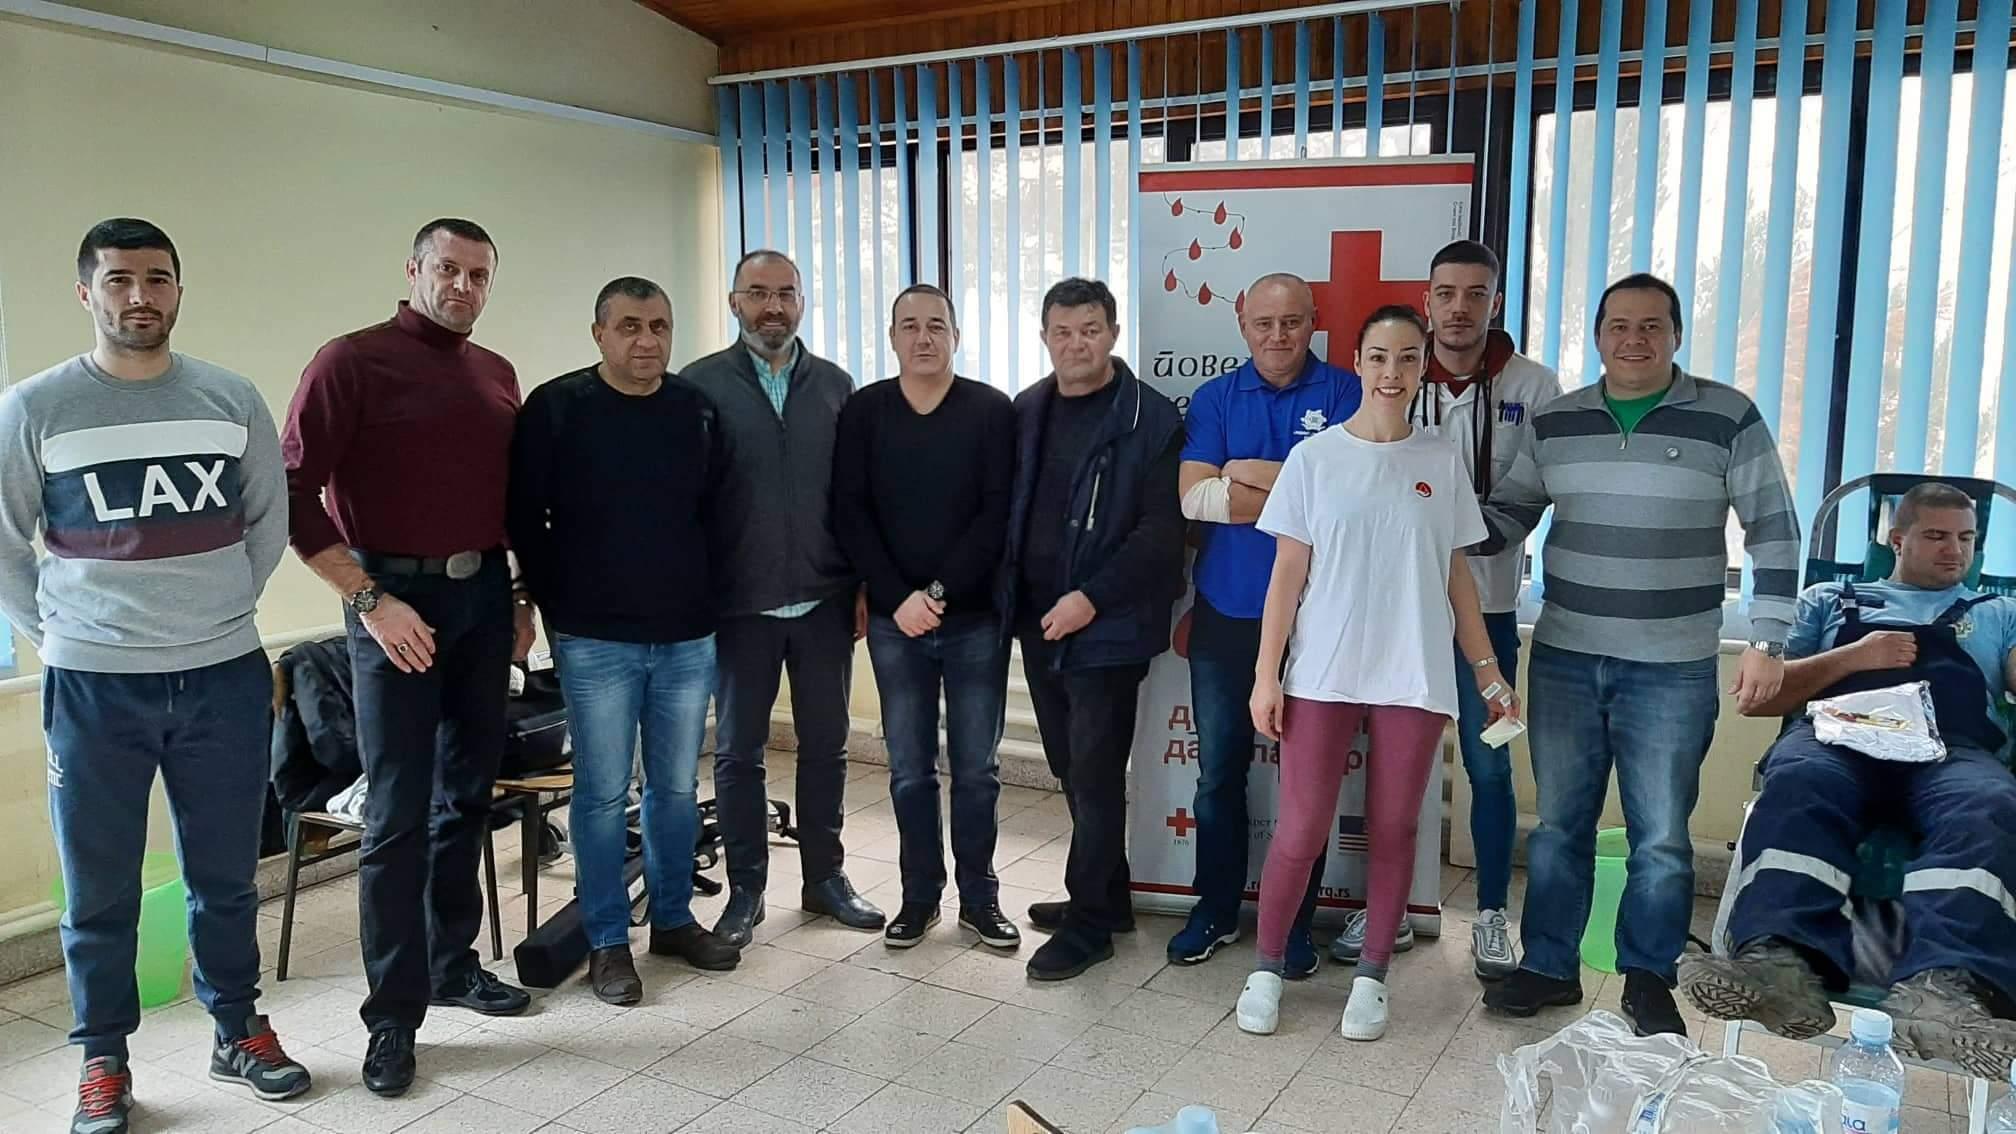 """Crveni krst Požarevac: Akcija dobrovoljnog davanja krvi sa Sindikatom """"PRIM"""" DOO Kostolac i """"Nezavisnost Kostolac usluge"""" 28239"""